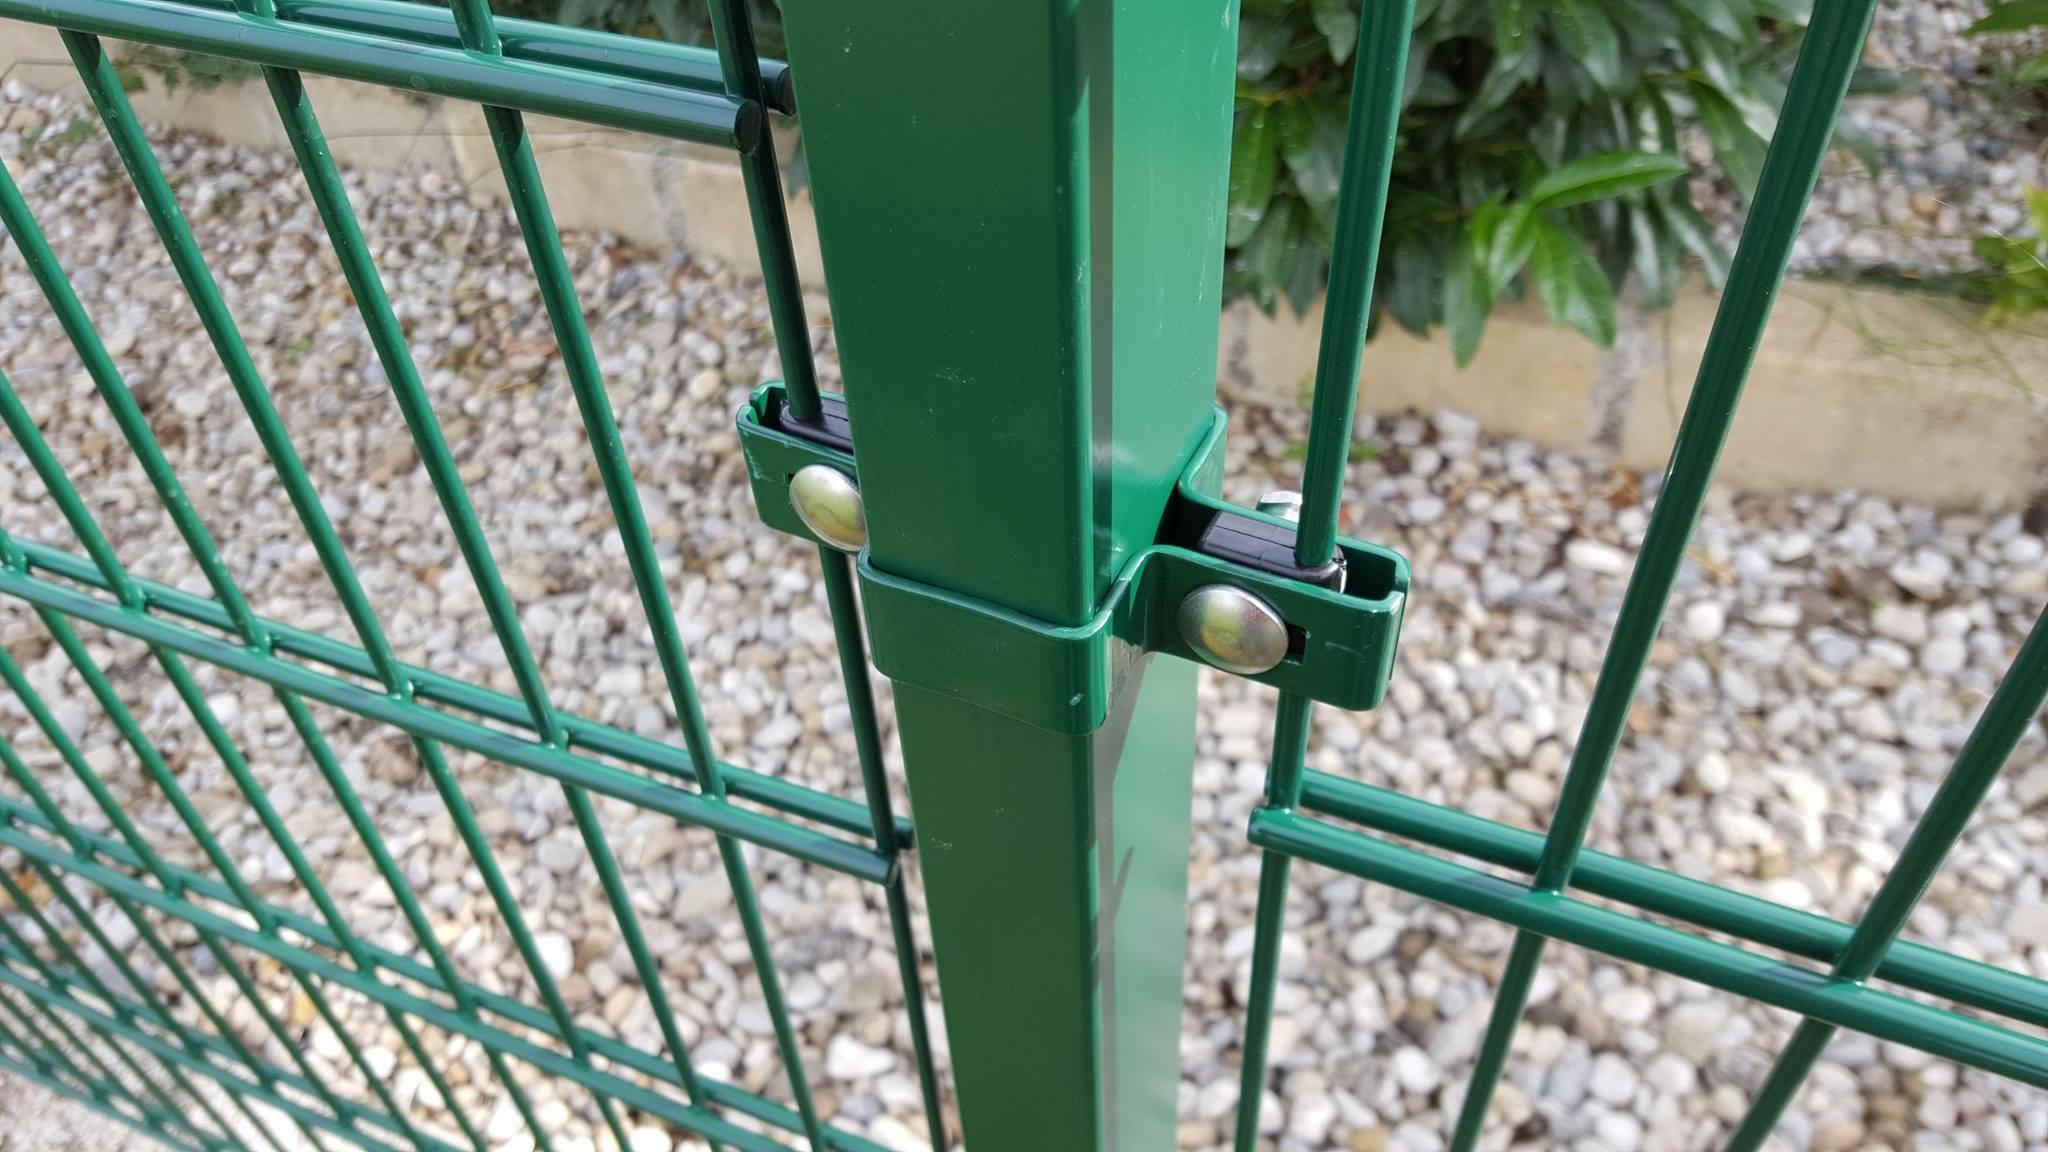 Gitterzäune sind eine moderne und solide Geländeabsicherung